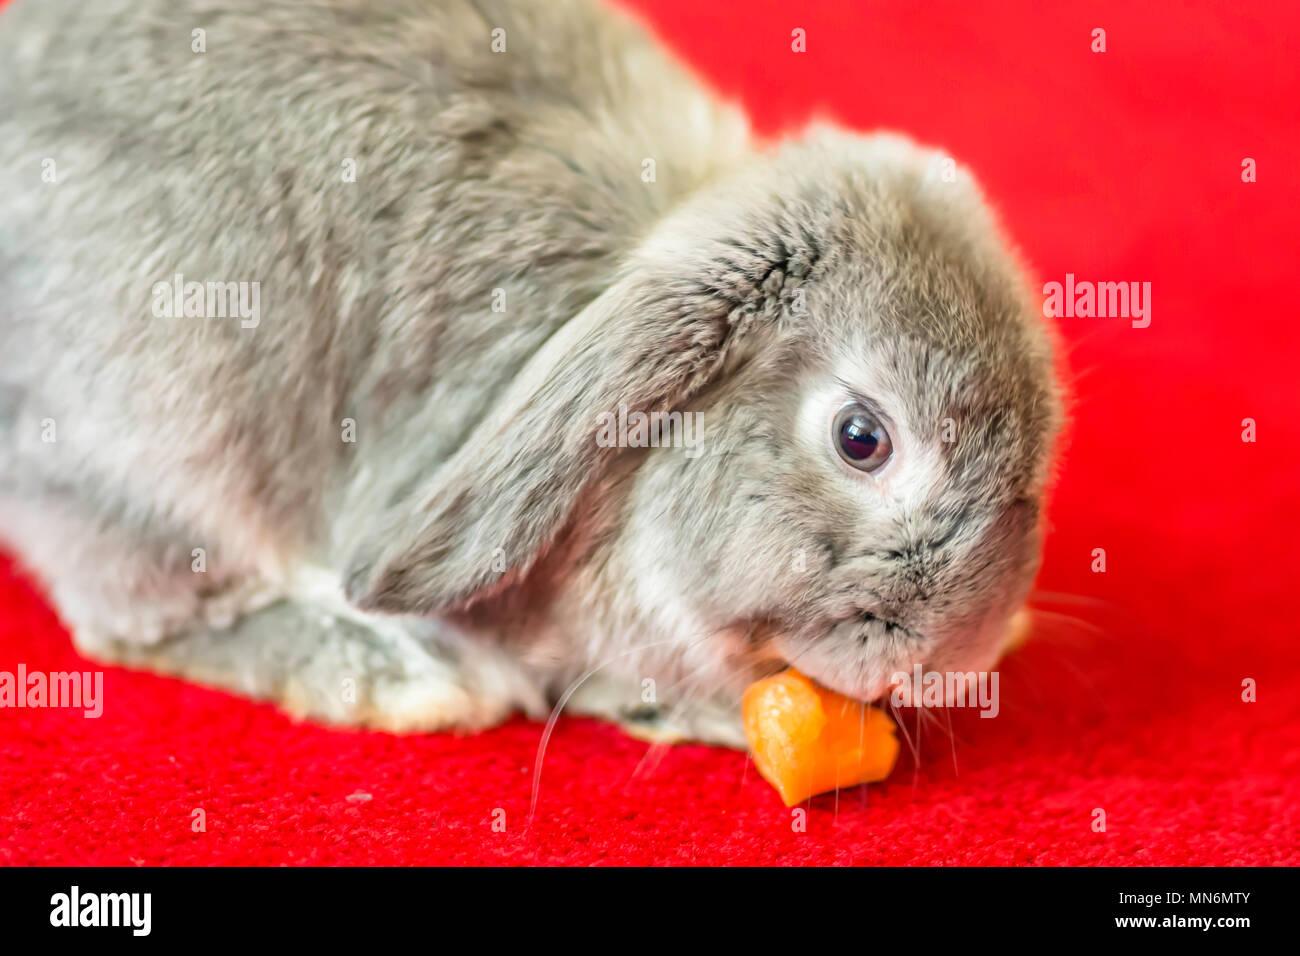 Fußboden Teppich Grau ~ Grau kaninchen essen karotten auf dem roten teppich. niedlich und